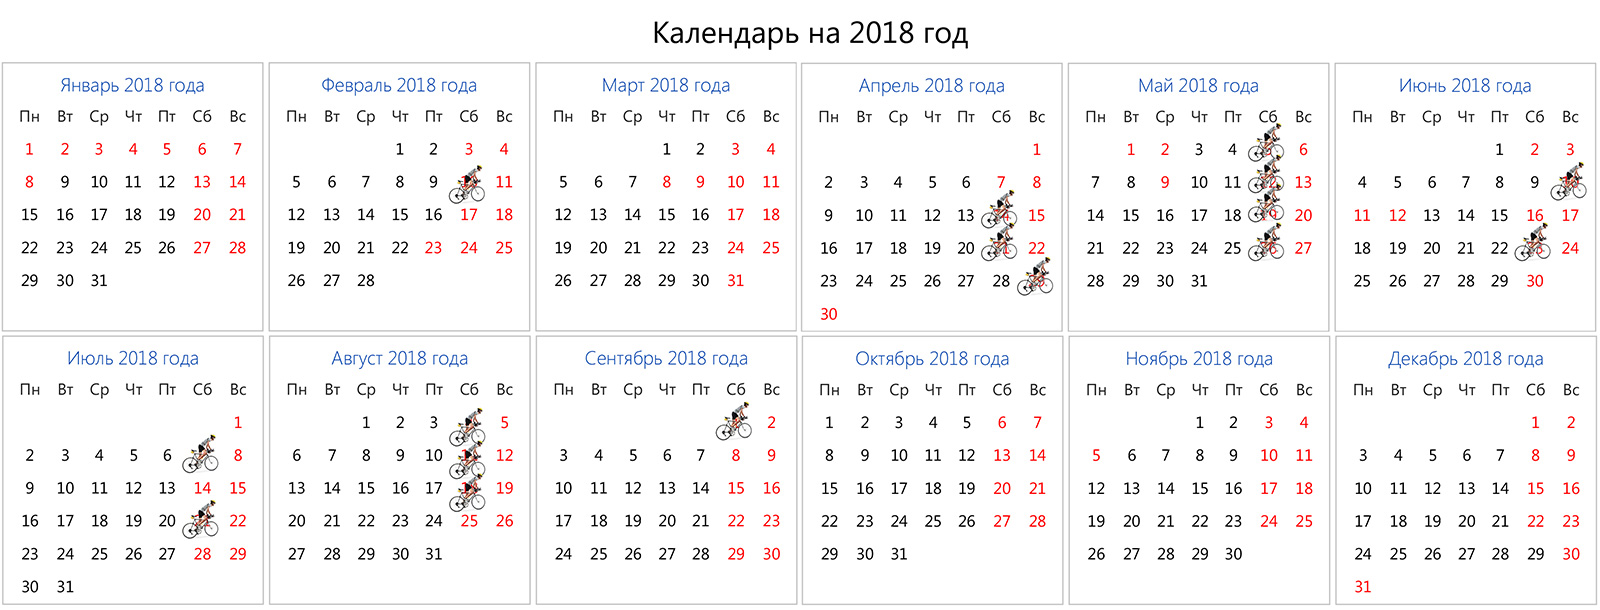 Kalendar2018g